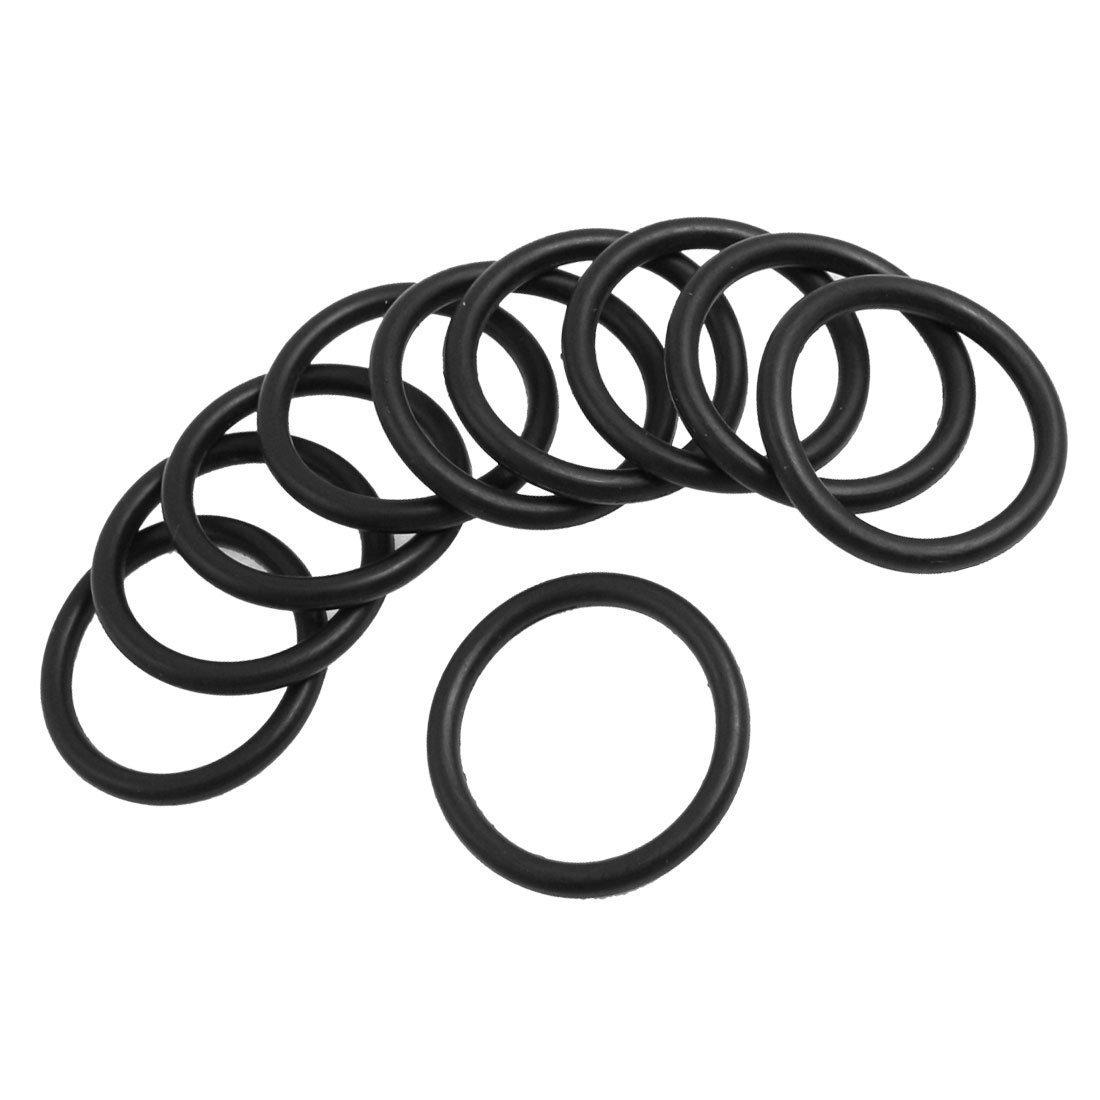 TOOGOO O Ring Waschmaschine 10 Stk Schwarz Nitril Gummi Dichtung O Ring Waschmaschine Tuelle 37x29x4mm R